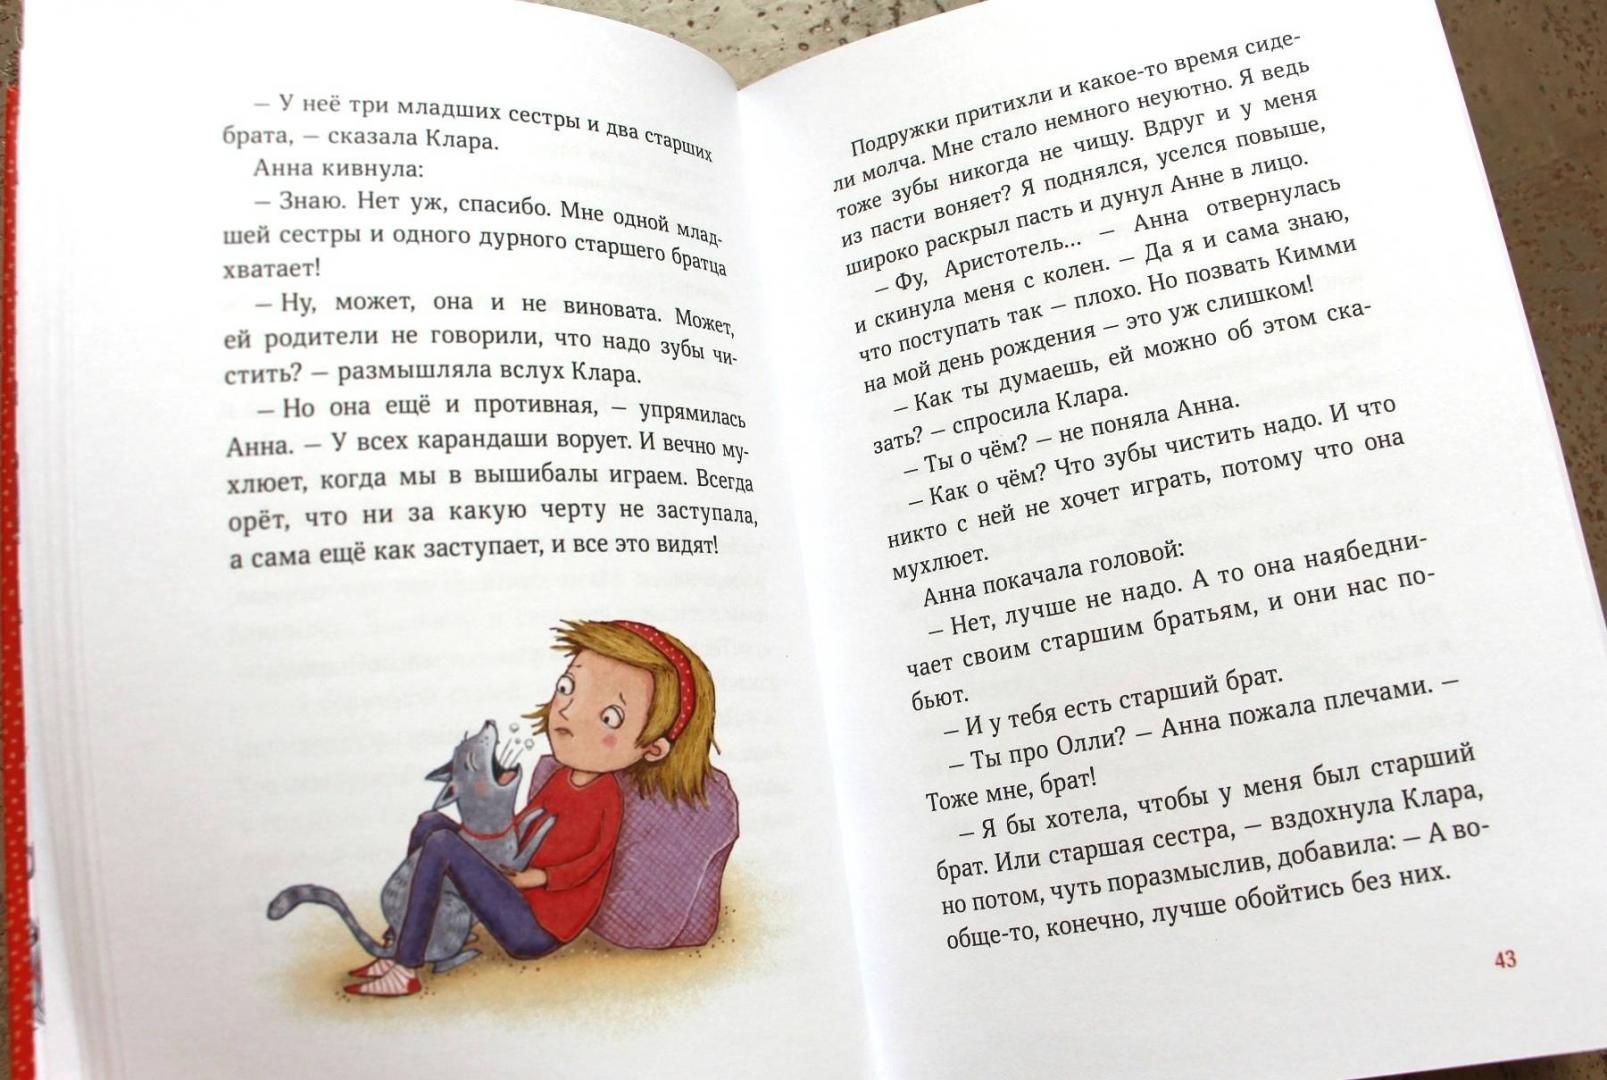 Иллюстрация 22 из 36 для А кота спросить забыли? - Аннетте Херцог   Лабиринт - книги. Источник: Анна К.